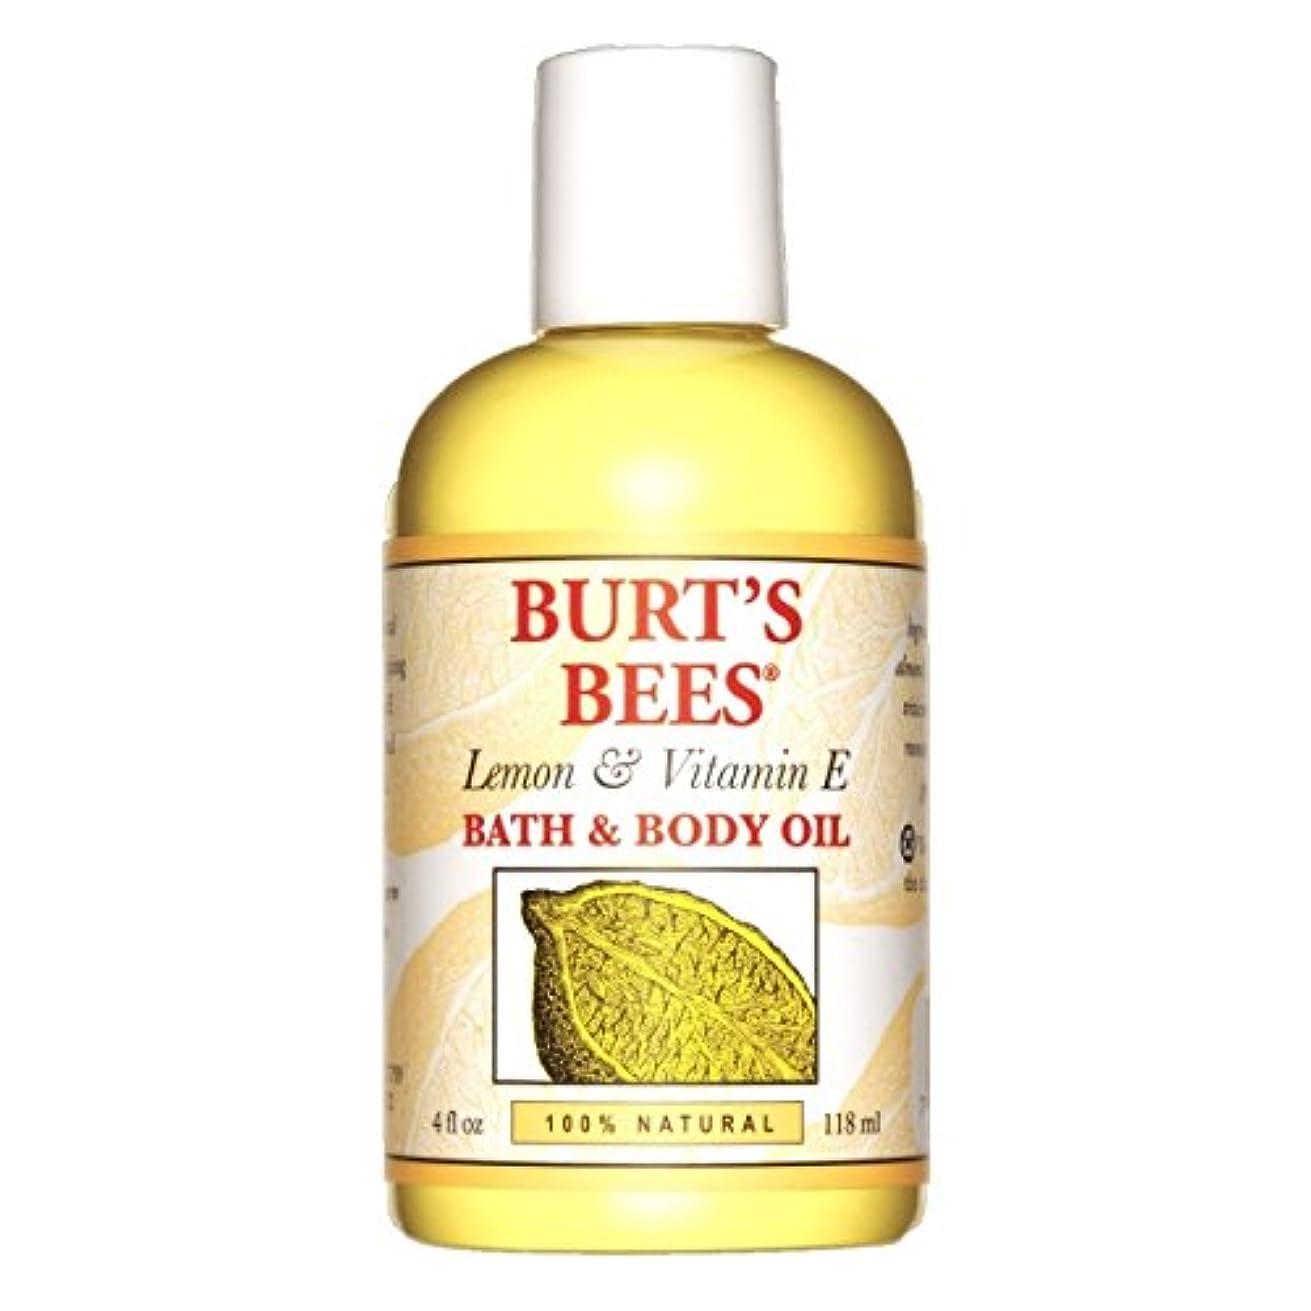 肺炎白菜作りバーツビーズ(Burt's Bees) レモン&ビタミンE バスアンドボディオイル 118ml [海外直送品][並行輸入品]